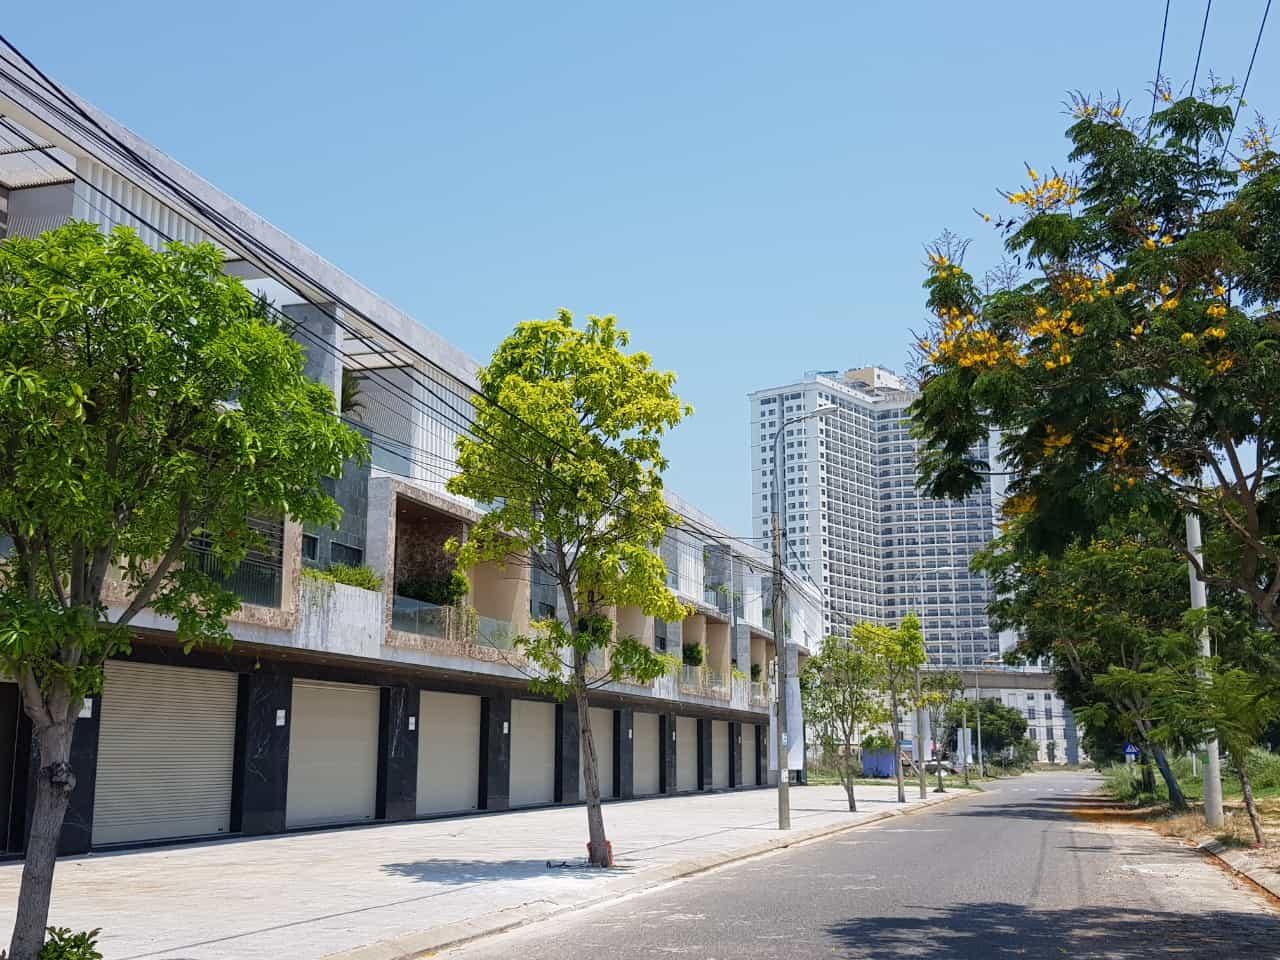 Tuổi đã già, tình hình sức khỏe yếu cần bán gấp căn nhà Trung tâm TP Đà Nẵng về quê